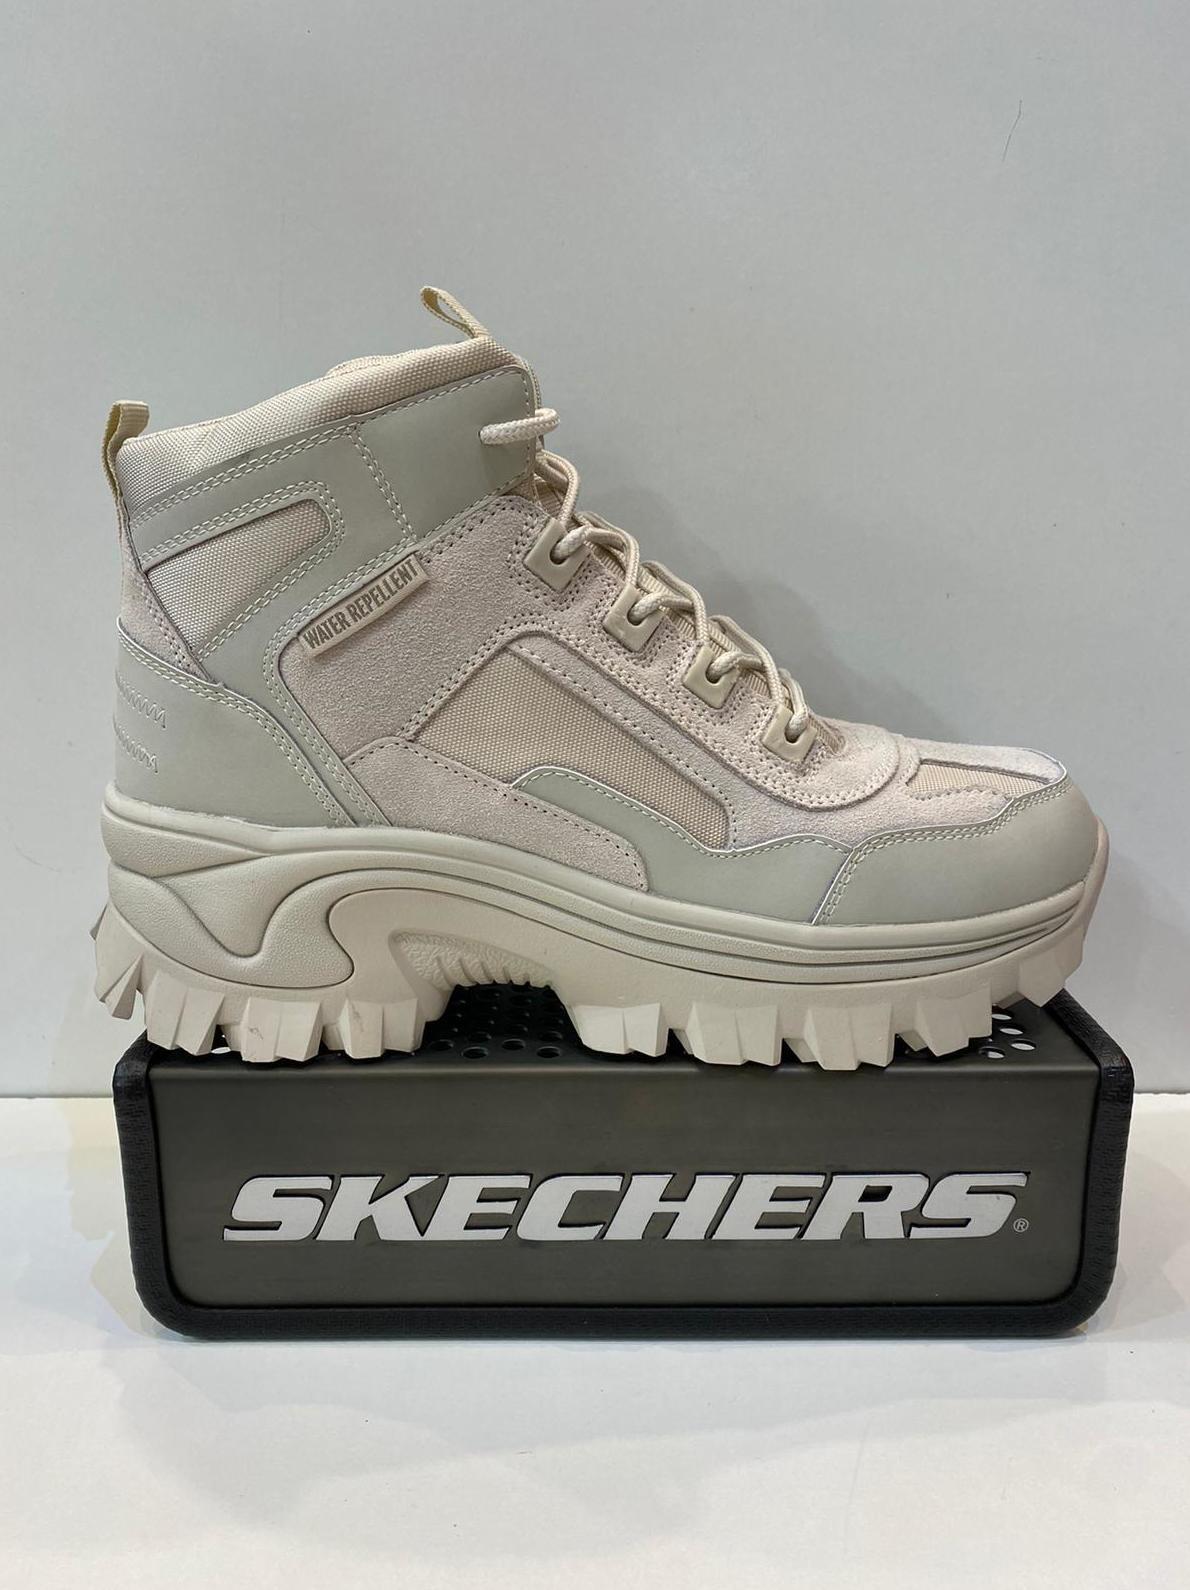 Botí esportiu de dona, de la marca Skechers, ample especial, water repellent, plantilla memory foam, adaptable a plantilles ortopèdiques, sola amb doble densitat de resalite acabat amb goma 89.95€